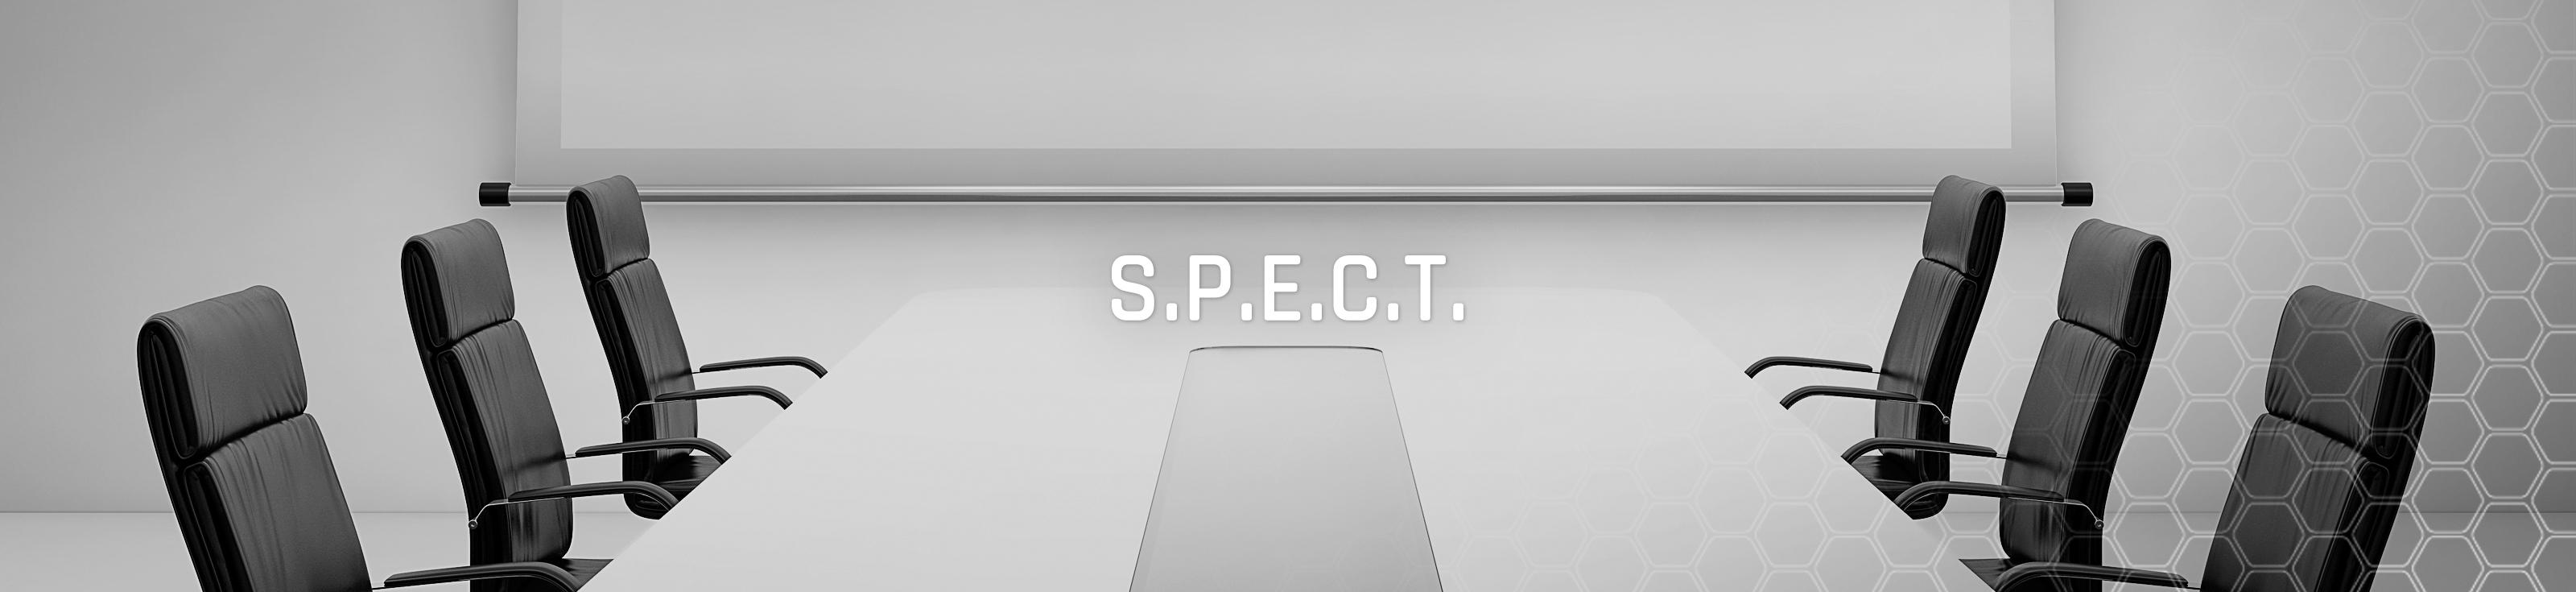 Slider_spect5_ps